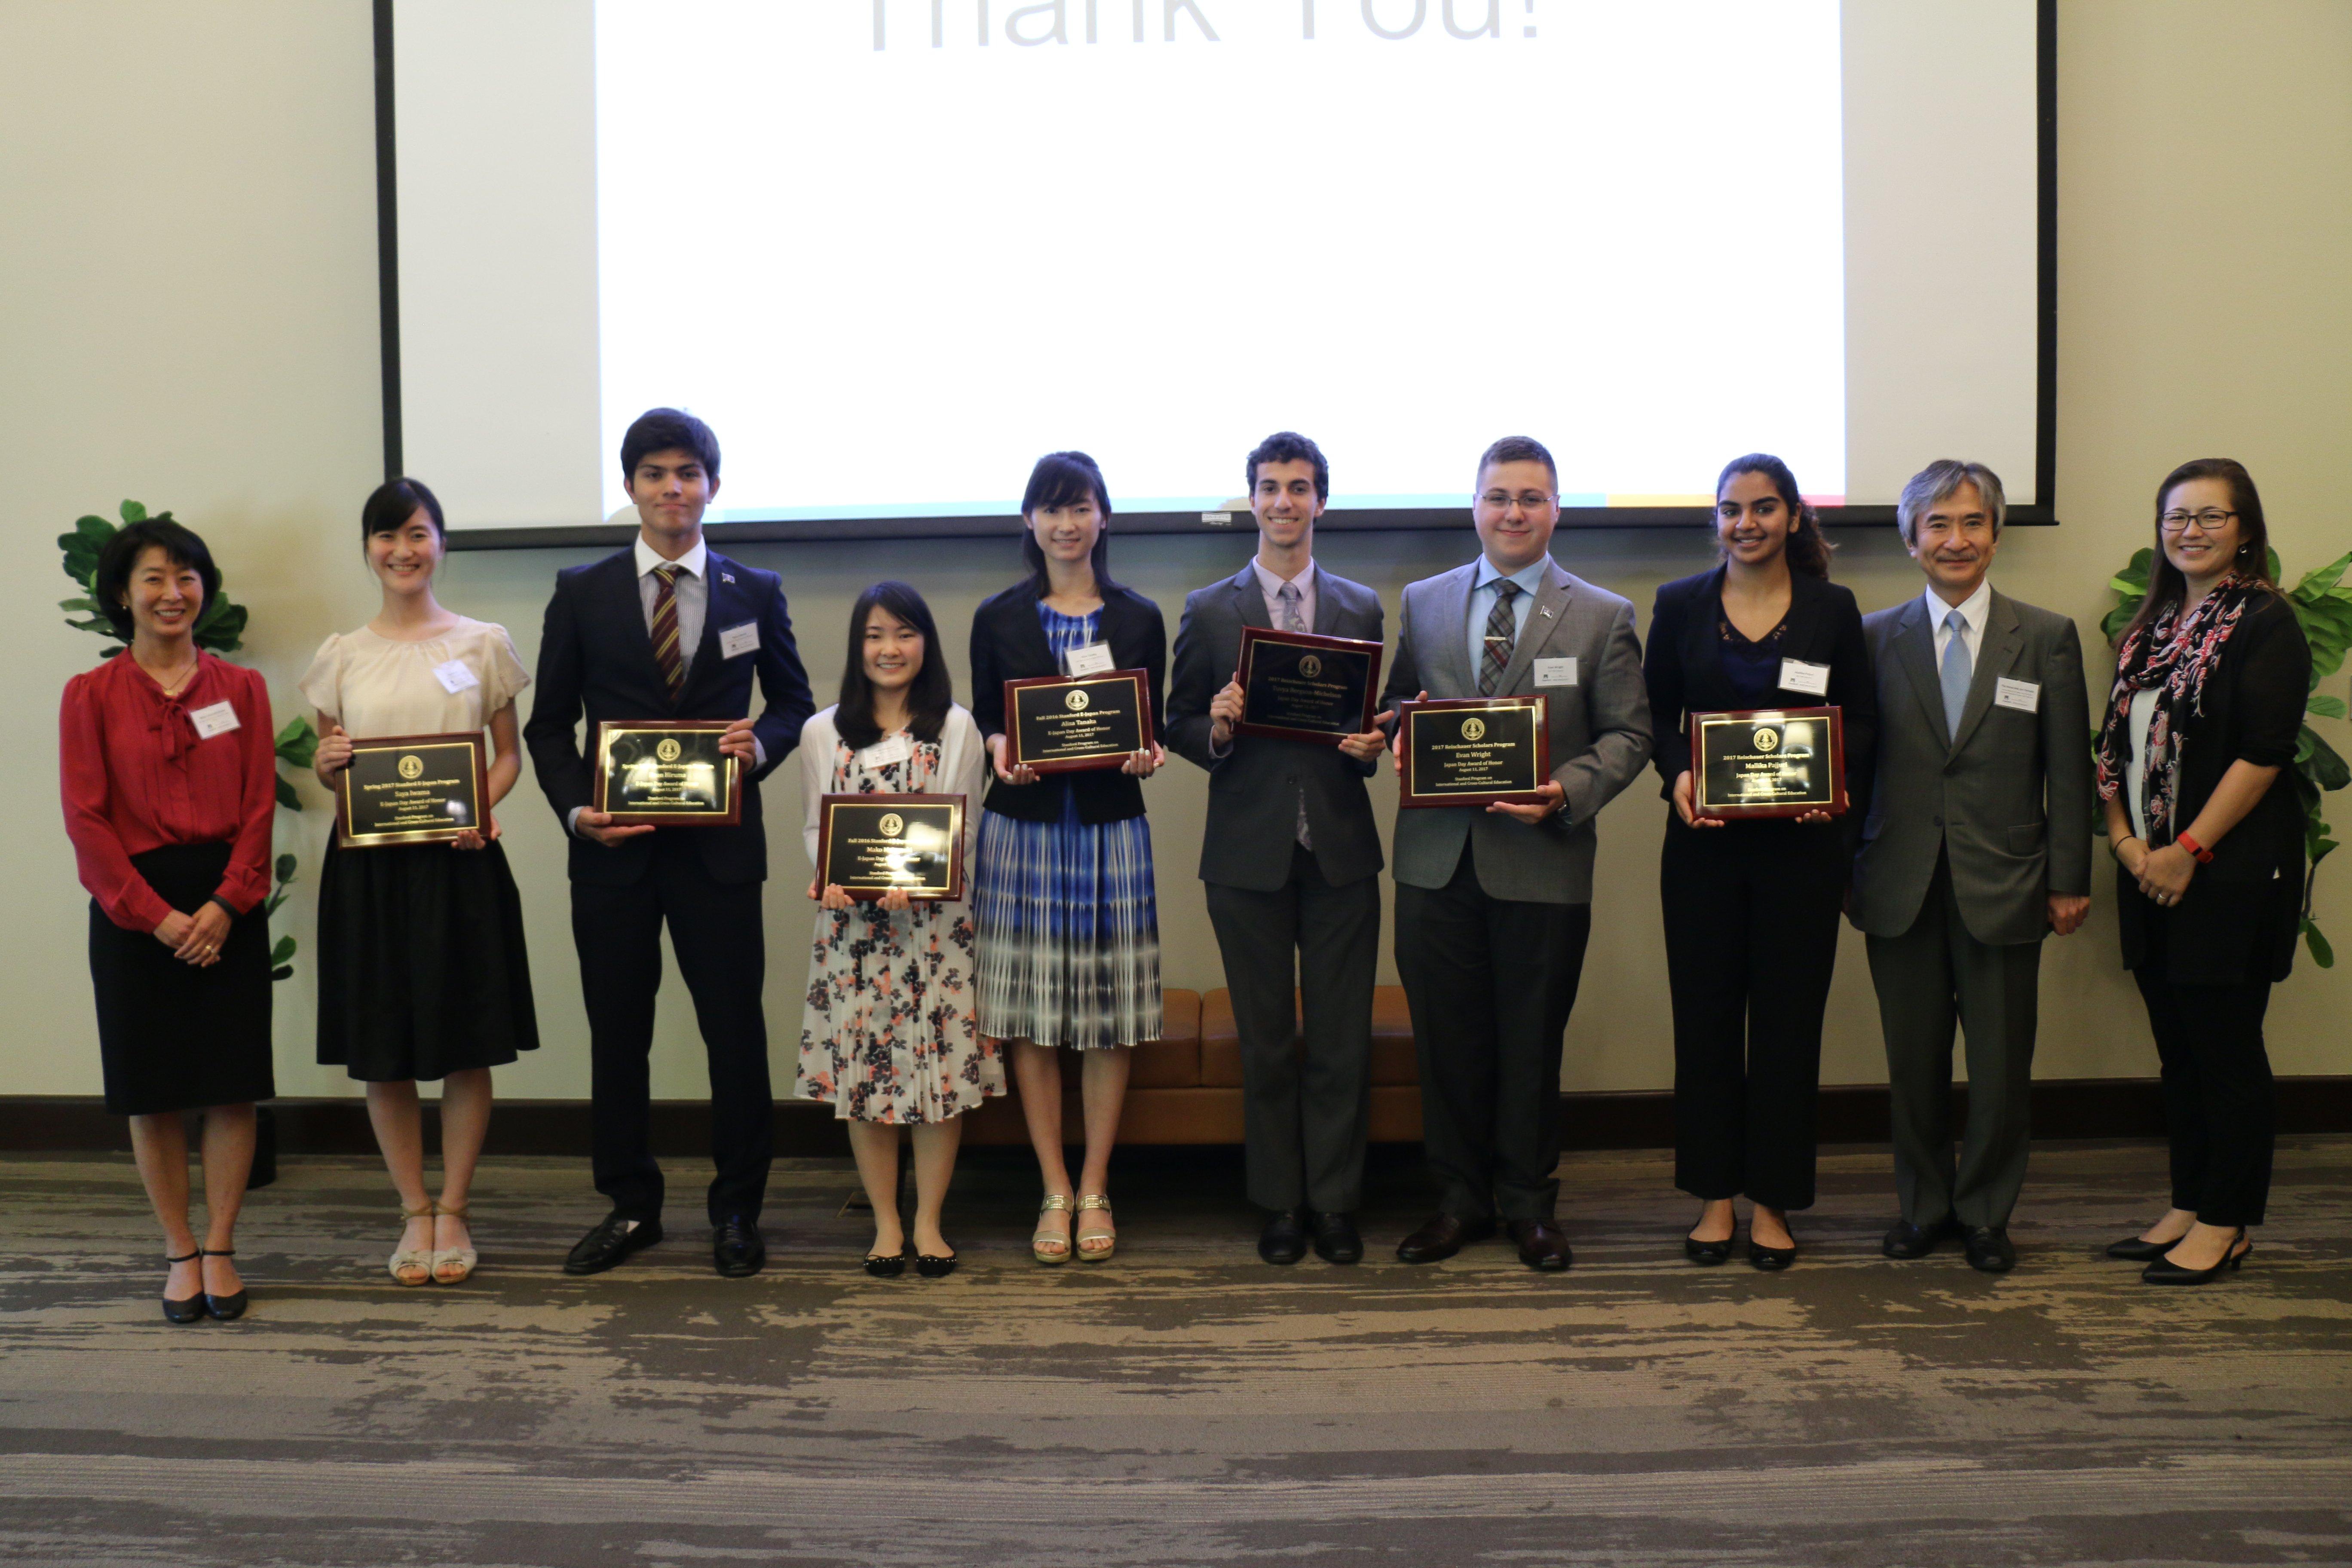 honorees with cg yamada waka naomi